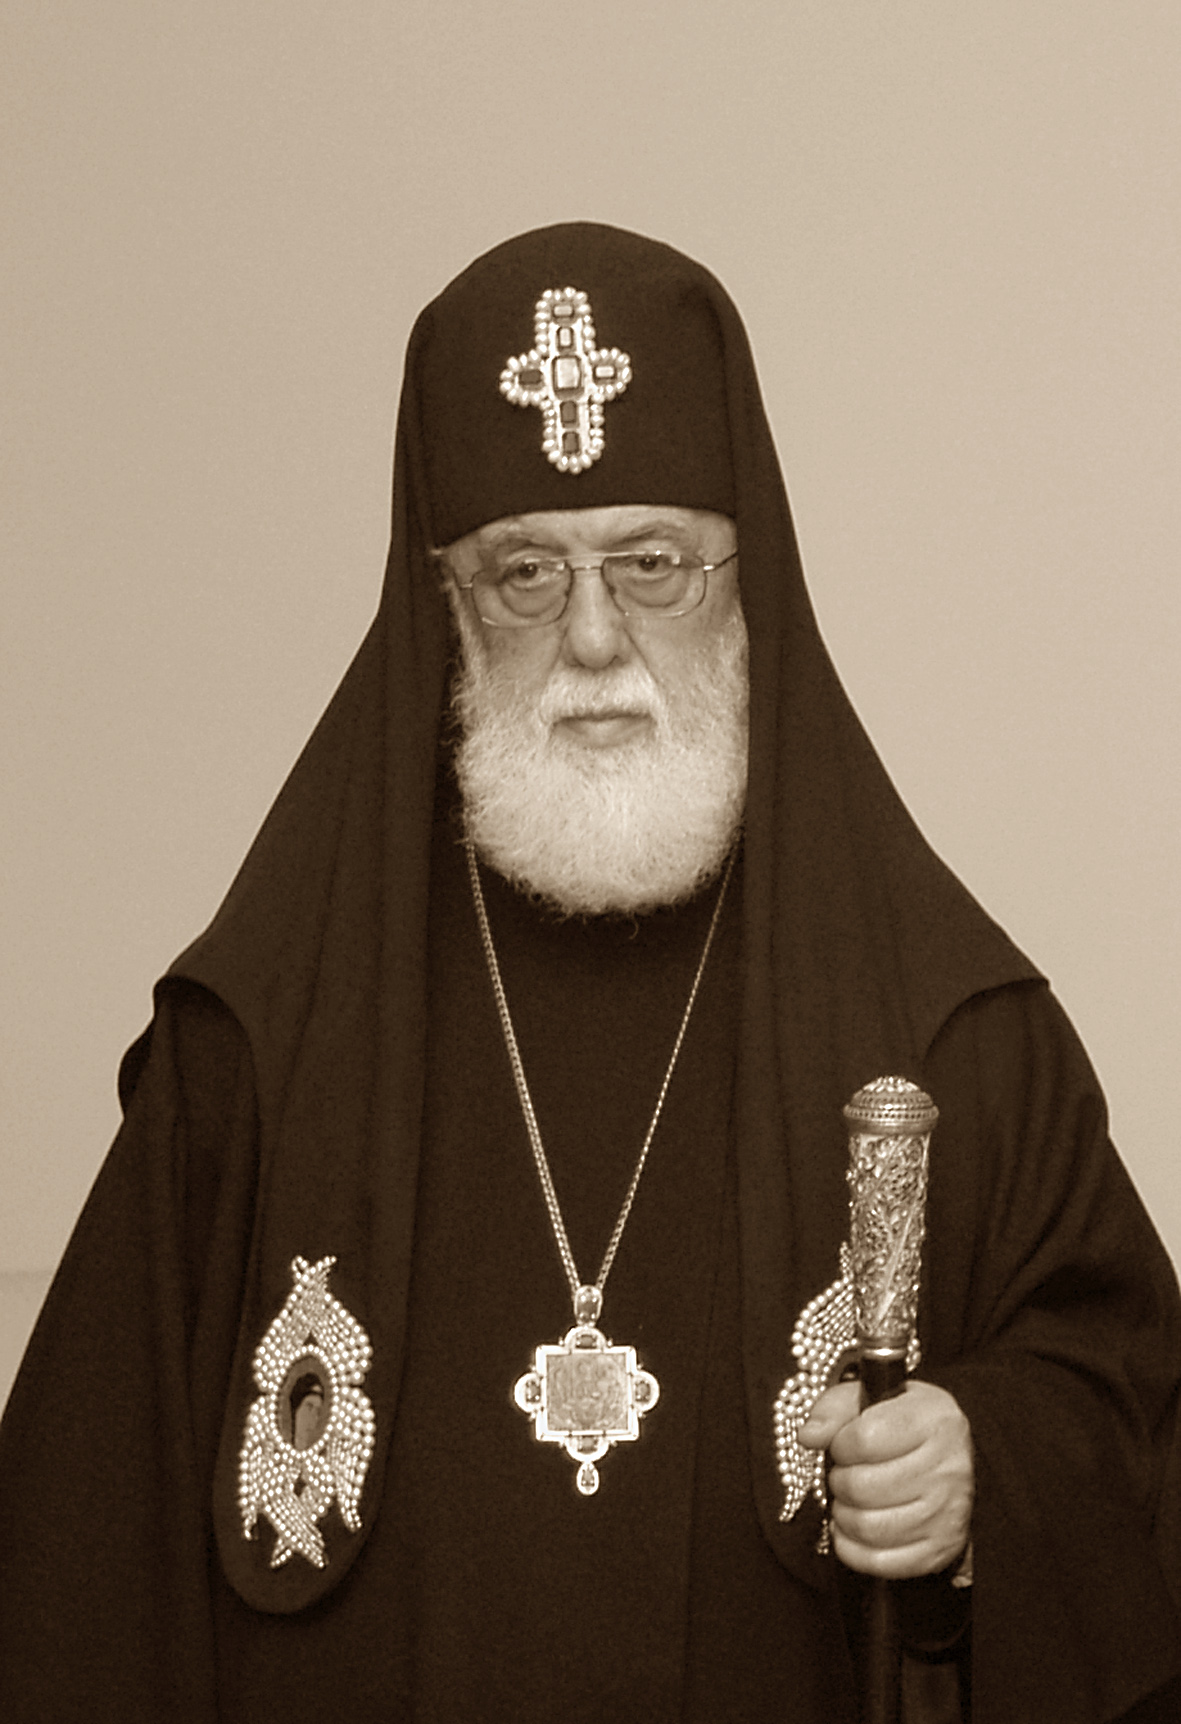 Patriarhul Georgiei se razgandeste. O noua predica a acestuia uimeste presa din tara, care nu se astepta la o asemenea intoarcere...